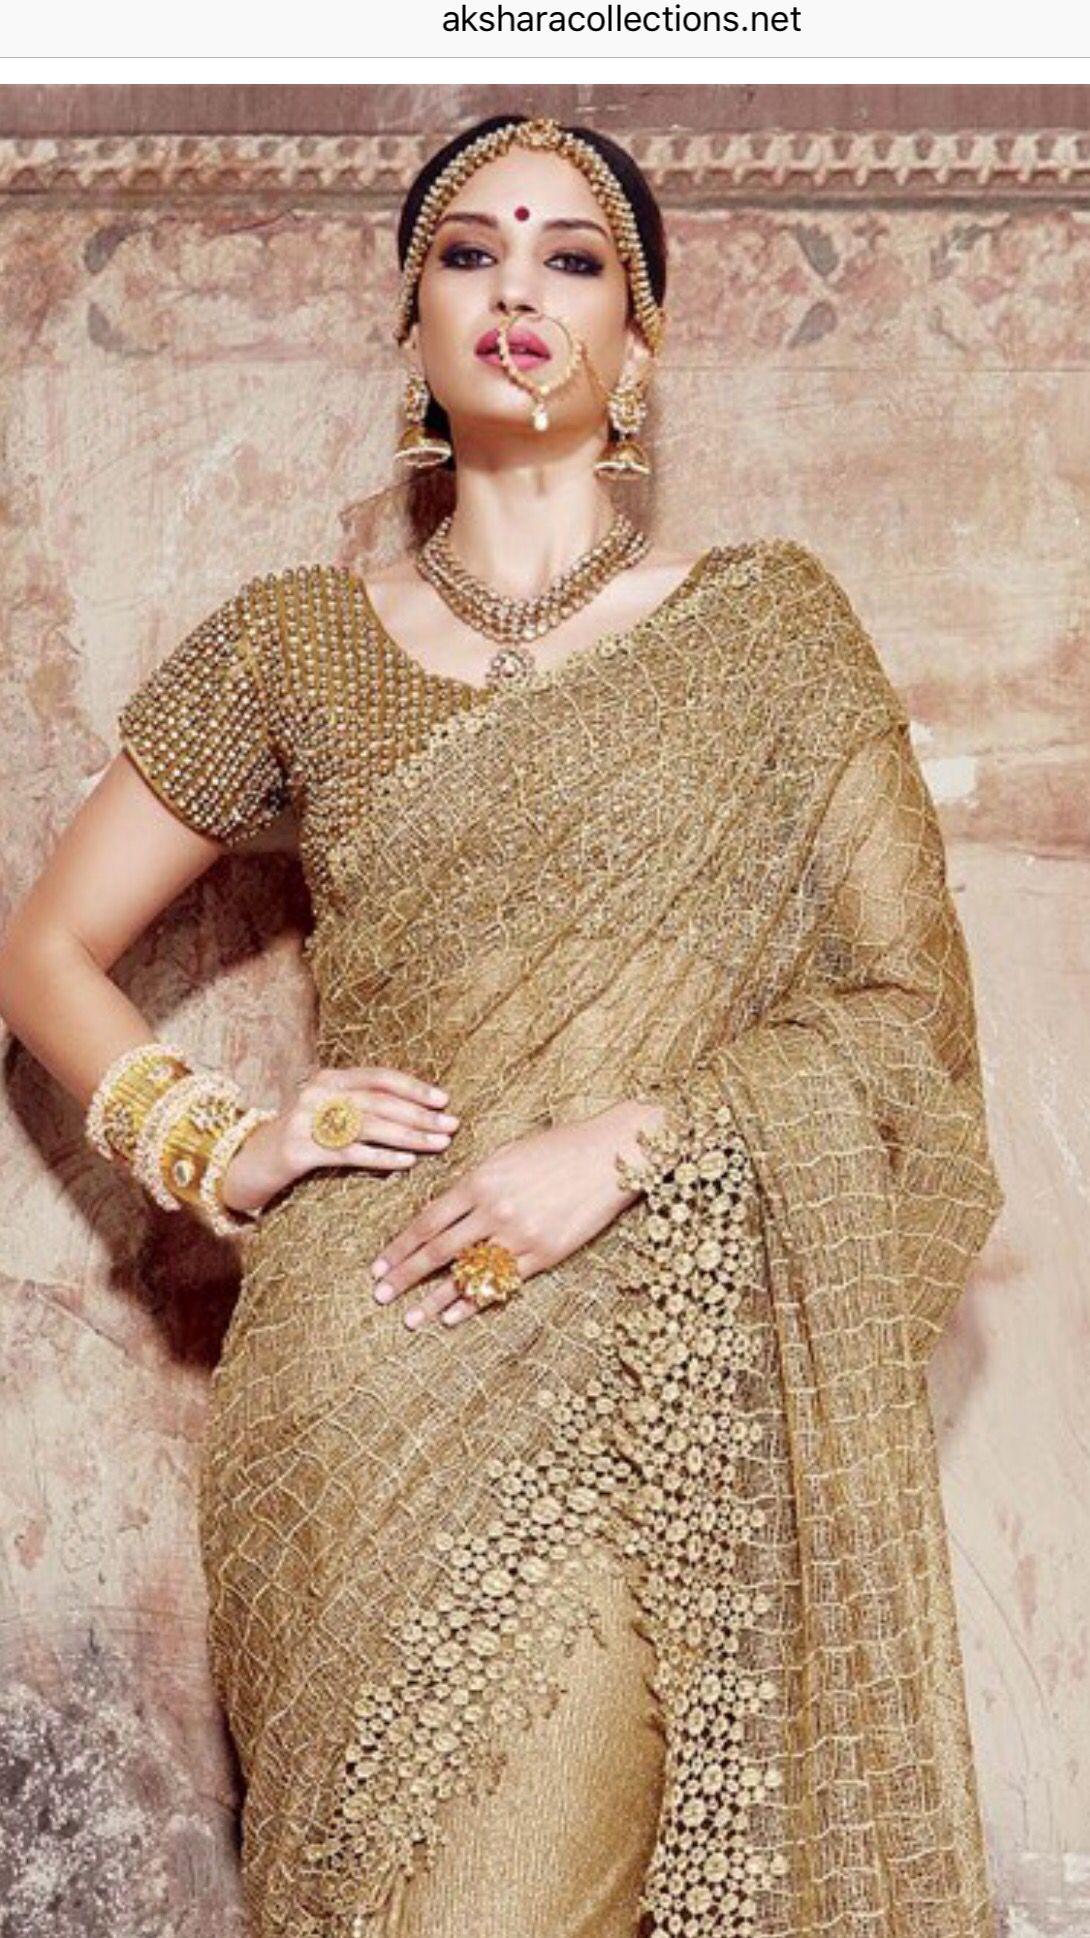 Golden Net Saree Indian Wedding Reception Outfits Saree Trends